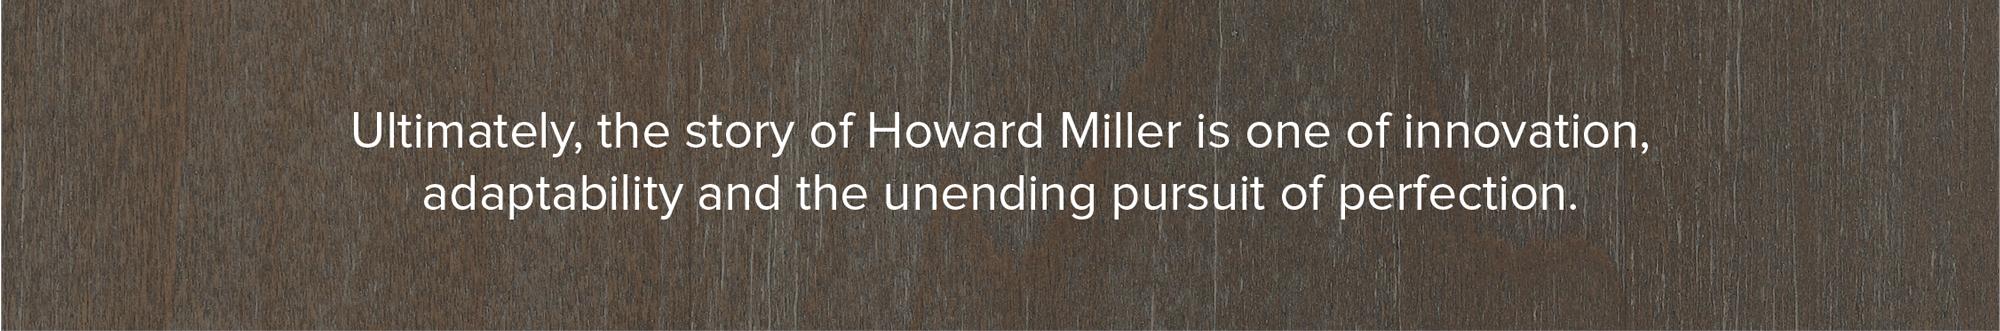 Howard Miller's Unending Pursuit of Perfection